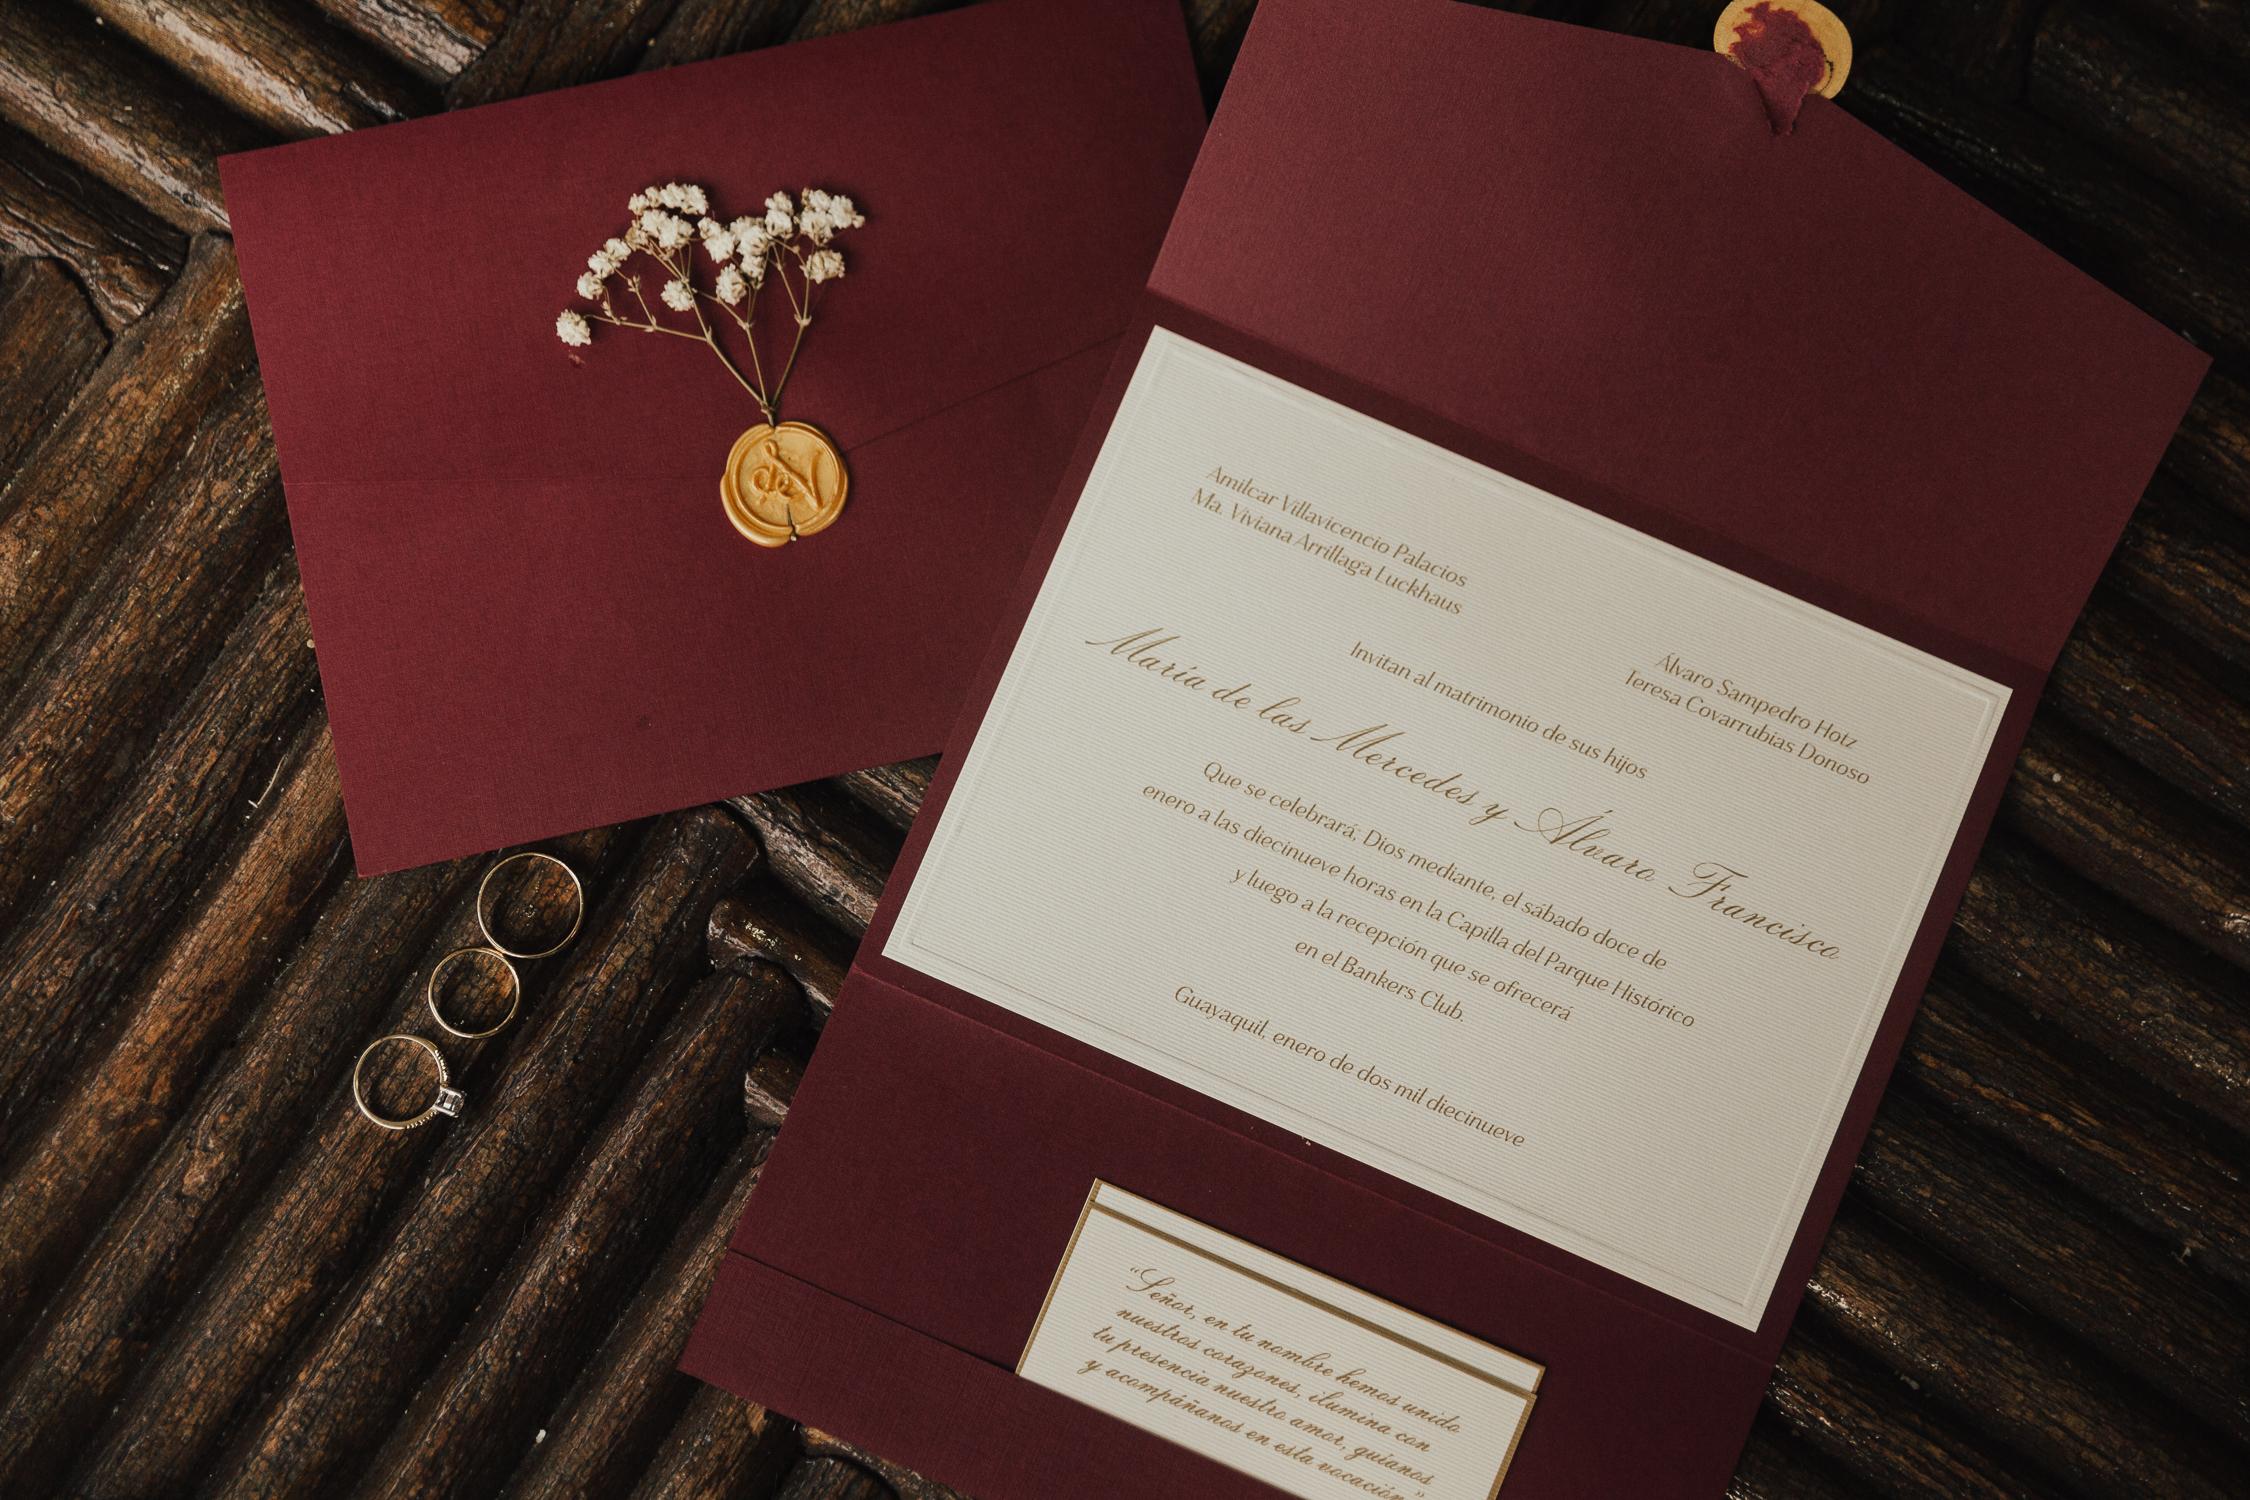 Michelle-Agurto-Fotografia-Bodas-Ecuador-Destination-Wedding-Photographer-Ecuador-Mercedes-Alvaro-1.JPG